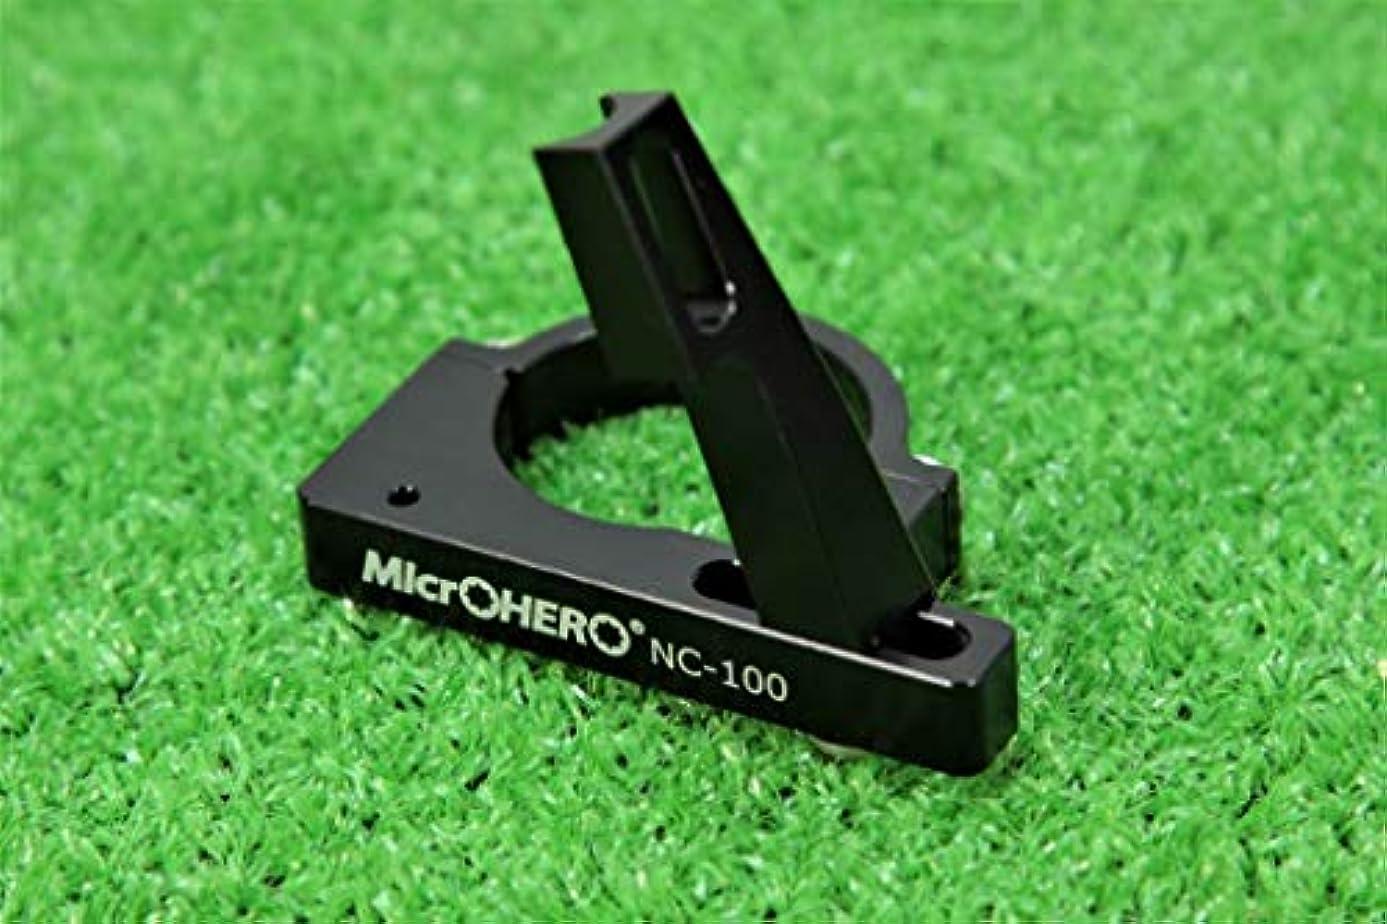 治すアンソロジー行MicrOHERO 直付けマウント NC-100 ブラック ダホン DAHON  BD-1 など小径車用